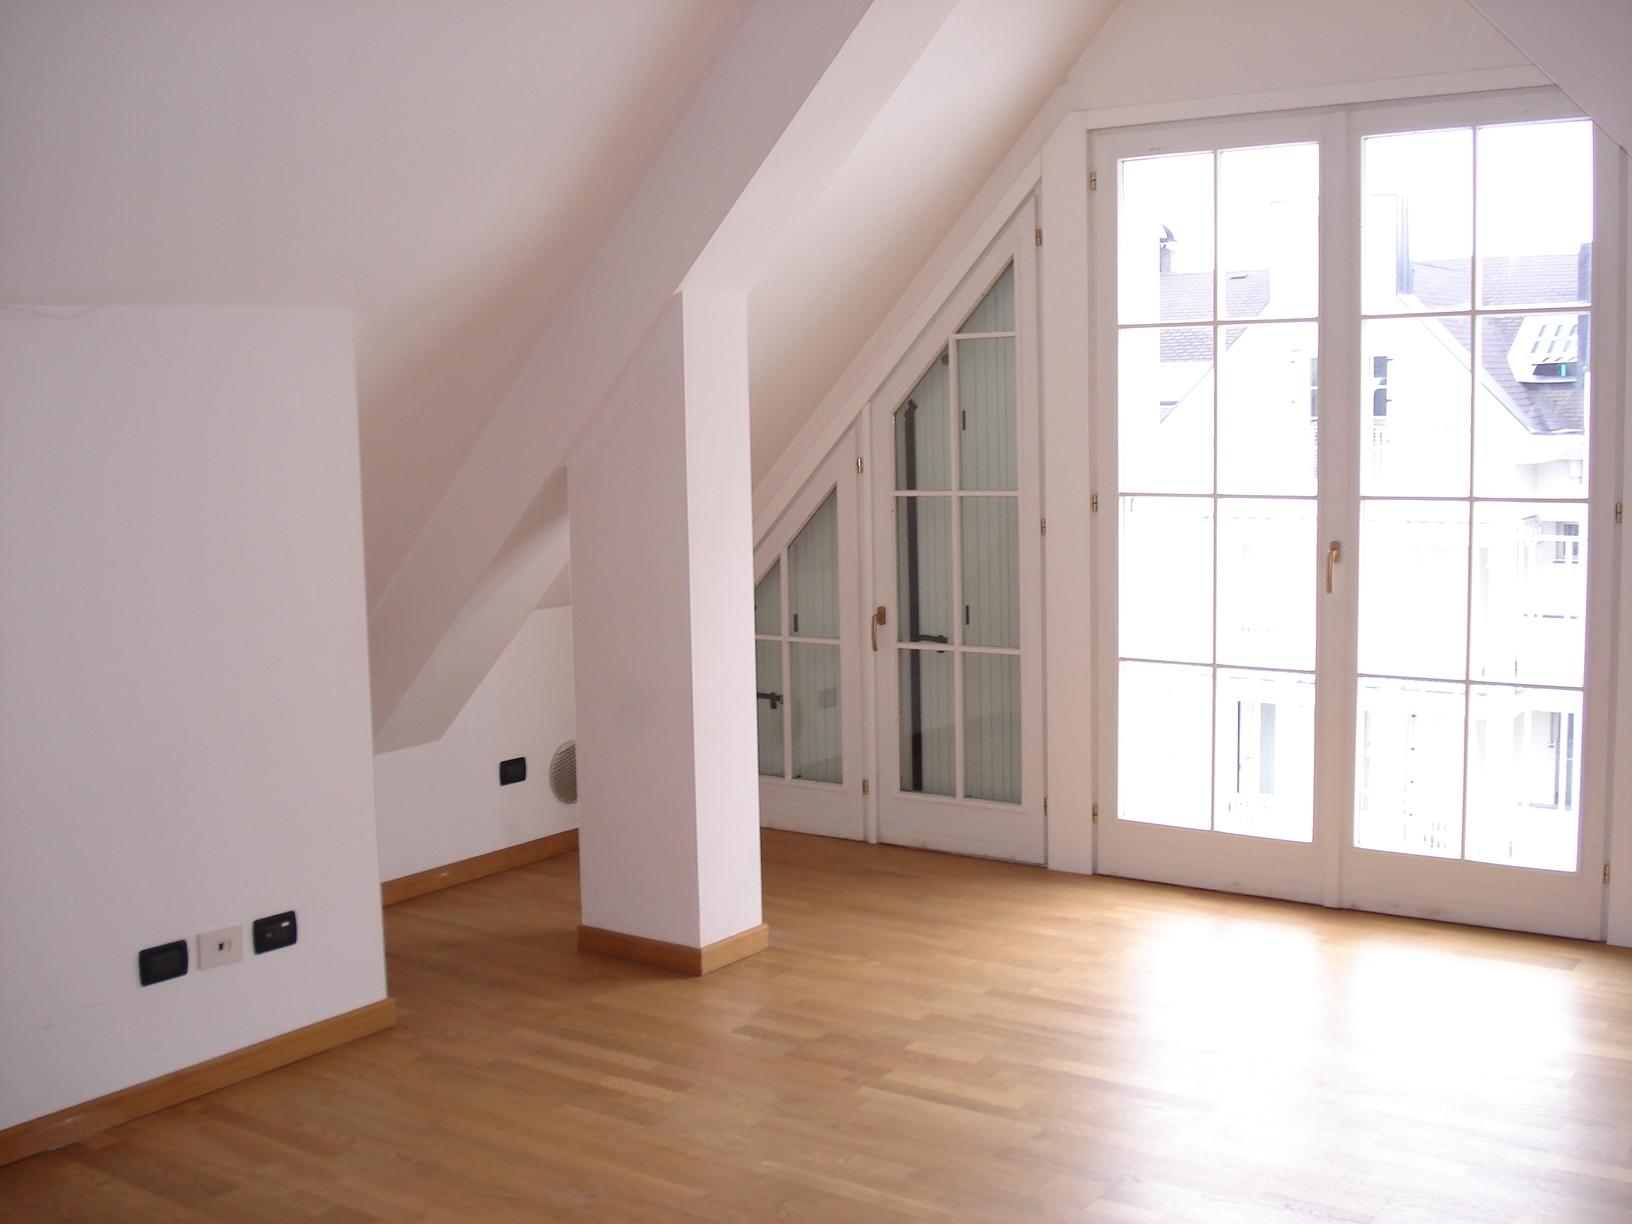 Appartamento in vendita a Legnano, 1 locali, zona Località: SanDomenico, prezzo € 80.000   PortaleAgenzieImmobiliari.it